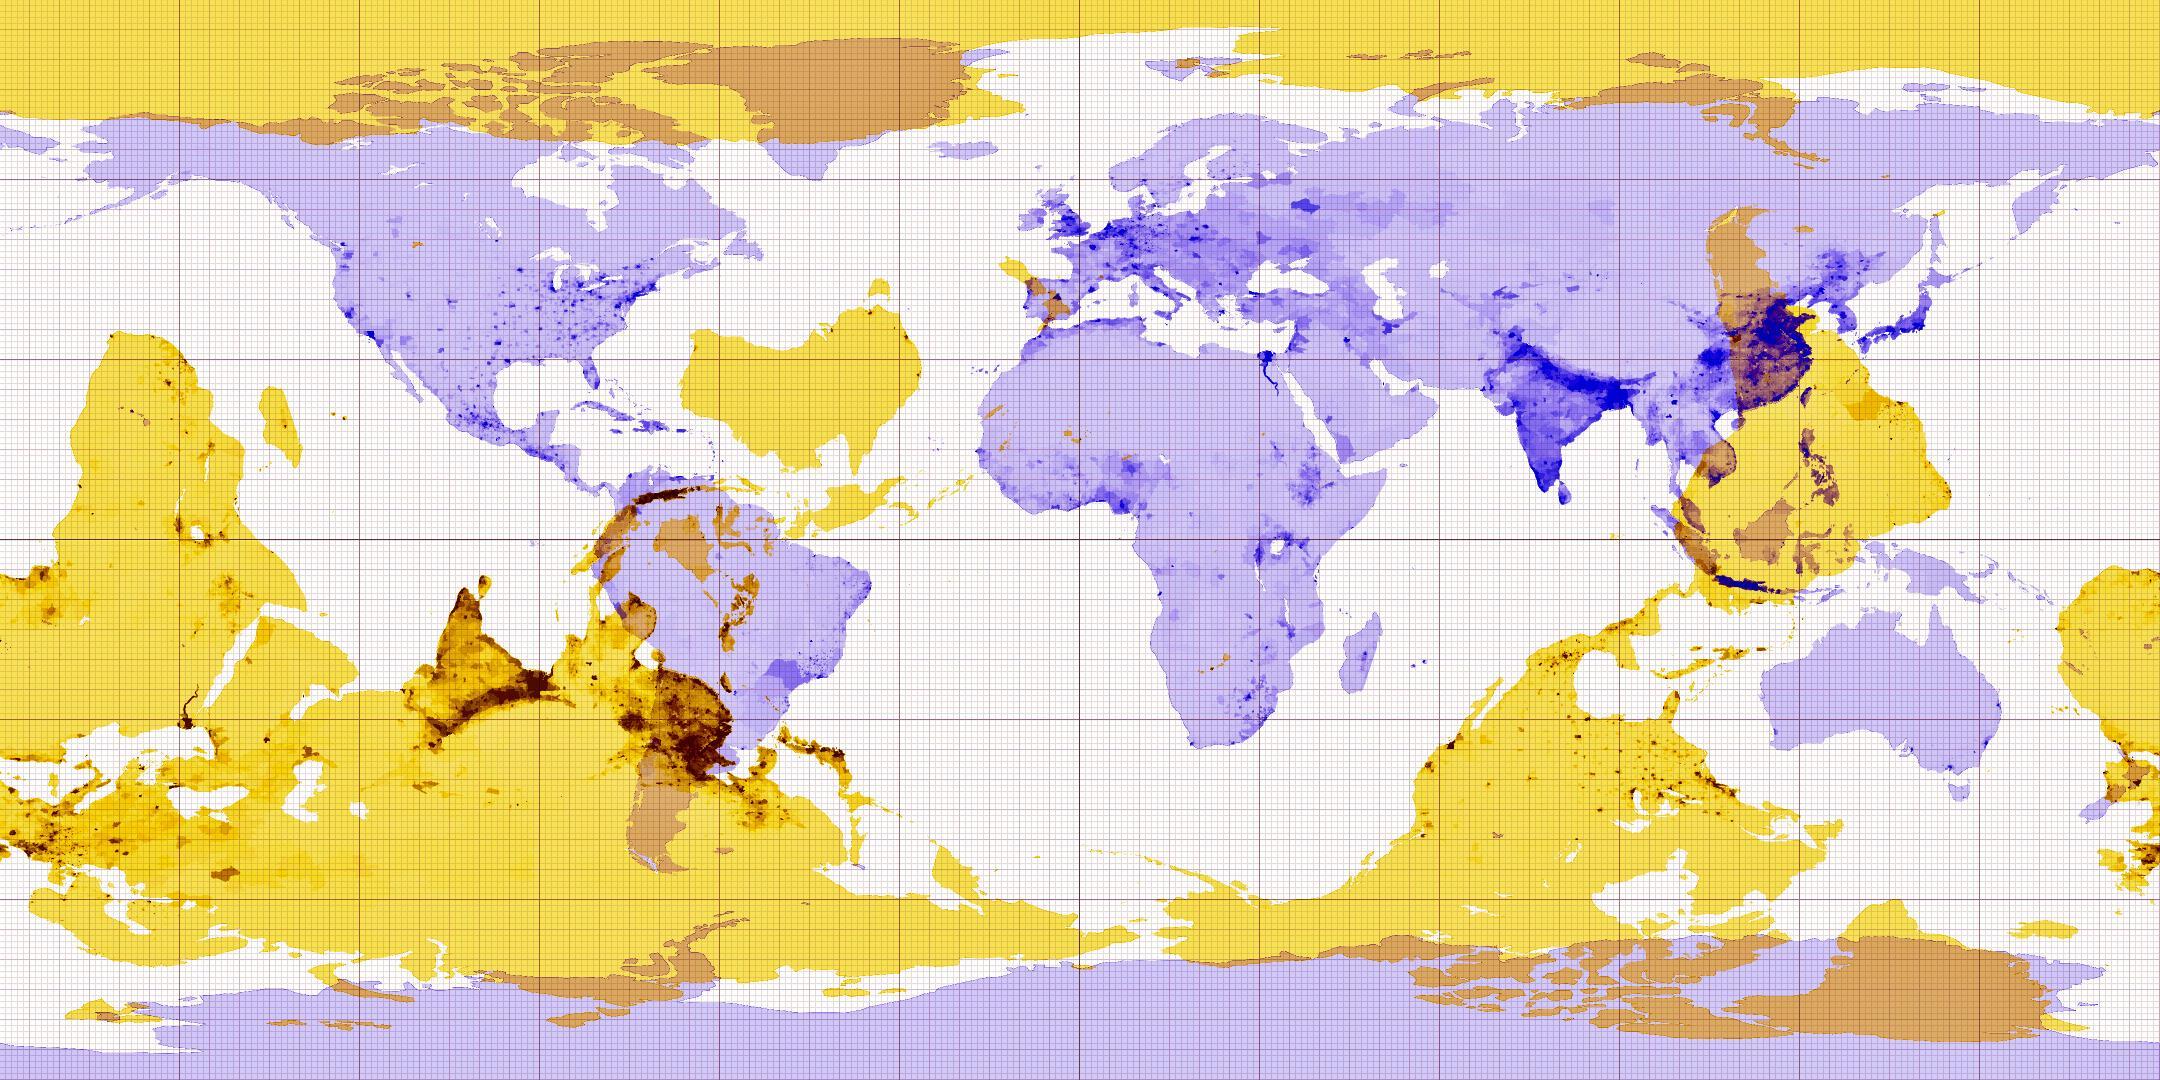 Ecco cosa troveresti, partendo da ogni punto del pianeta, scavando un buco fino al centro della terra, sbucando dall'altra parte (via Brilliant Maps)